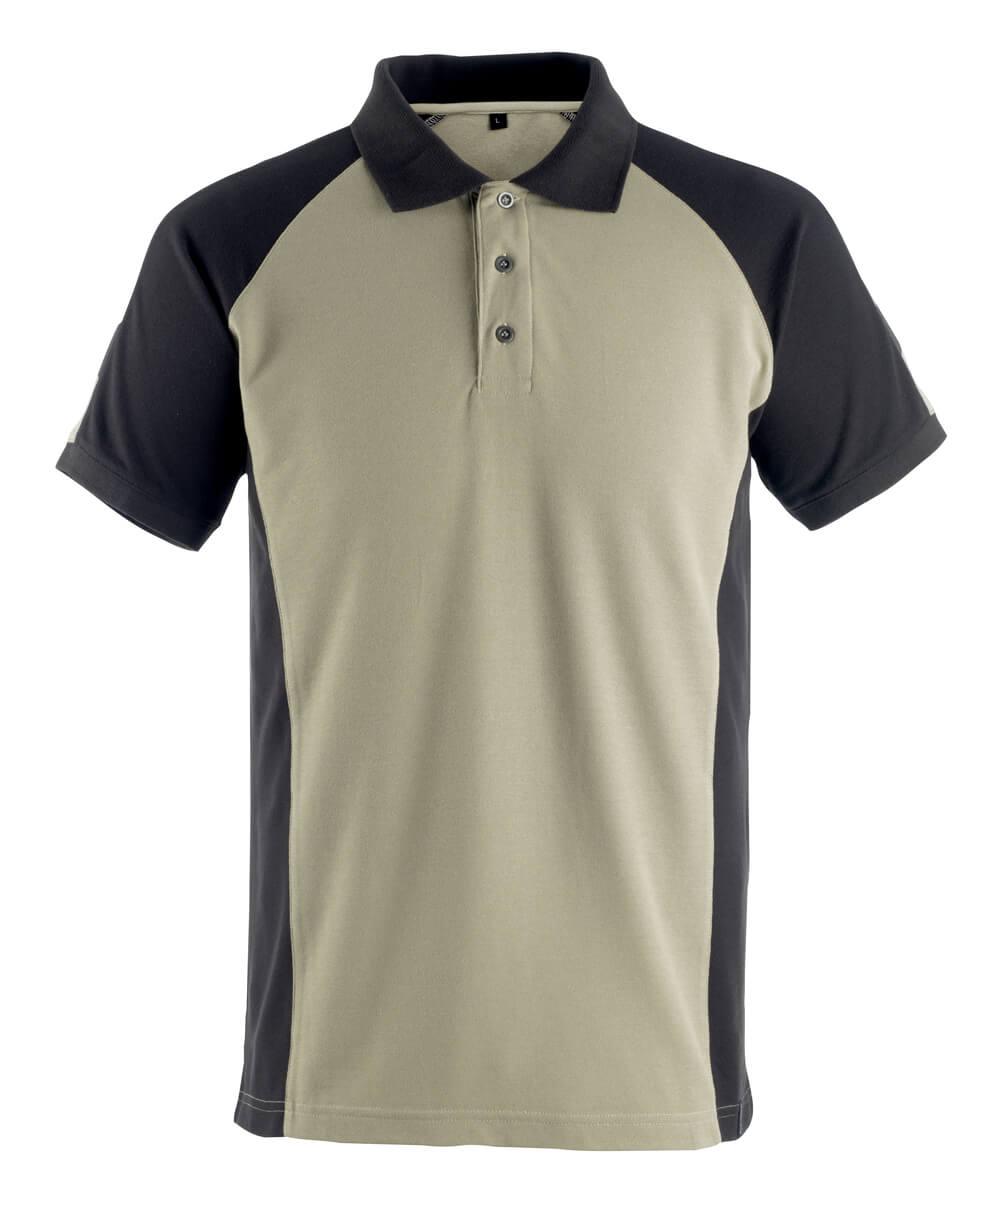 50502-260-5509 Poloshirt - lys kaki/sort